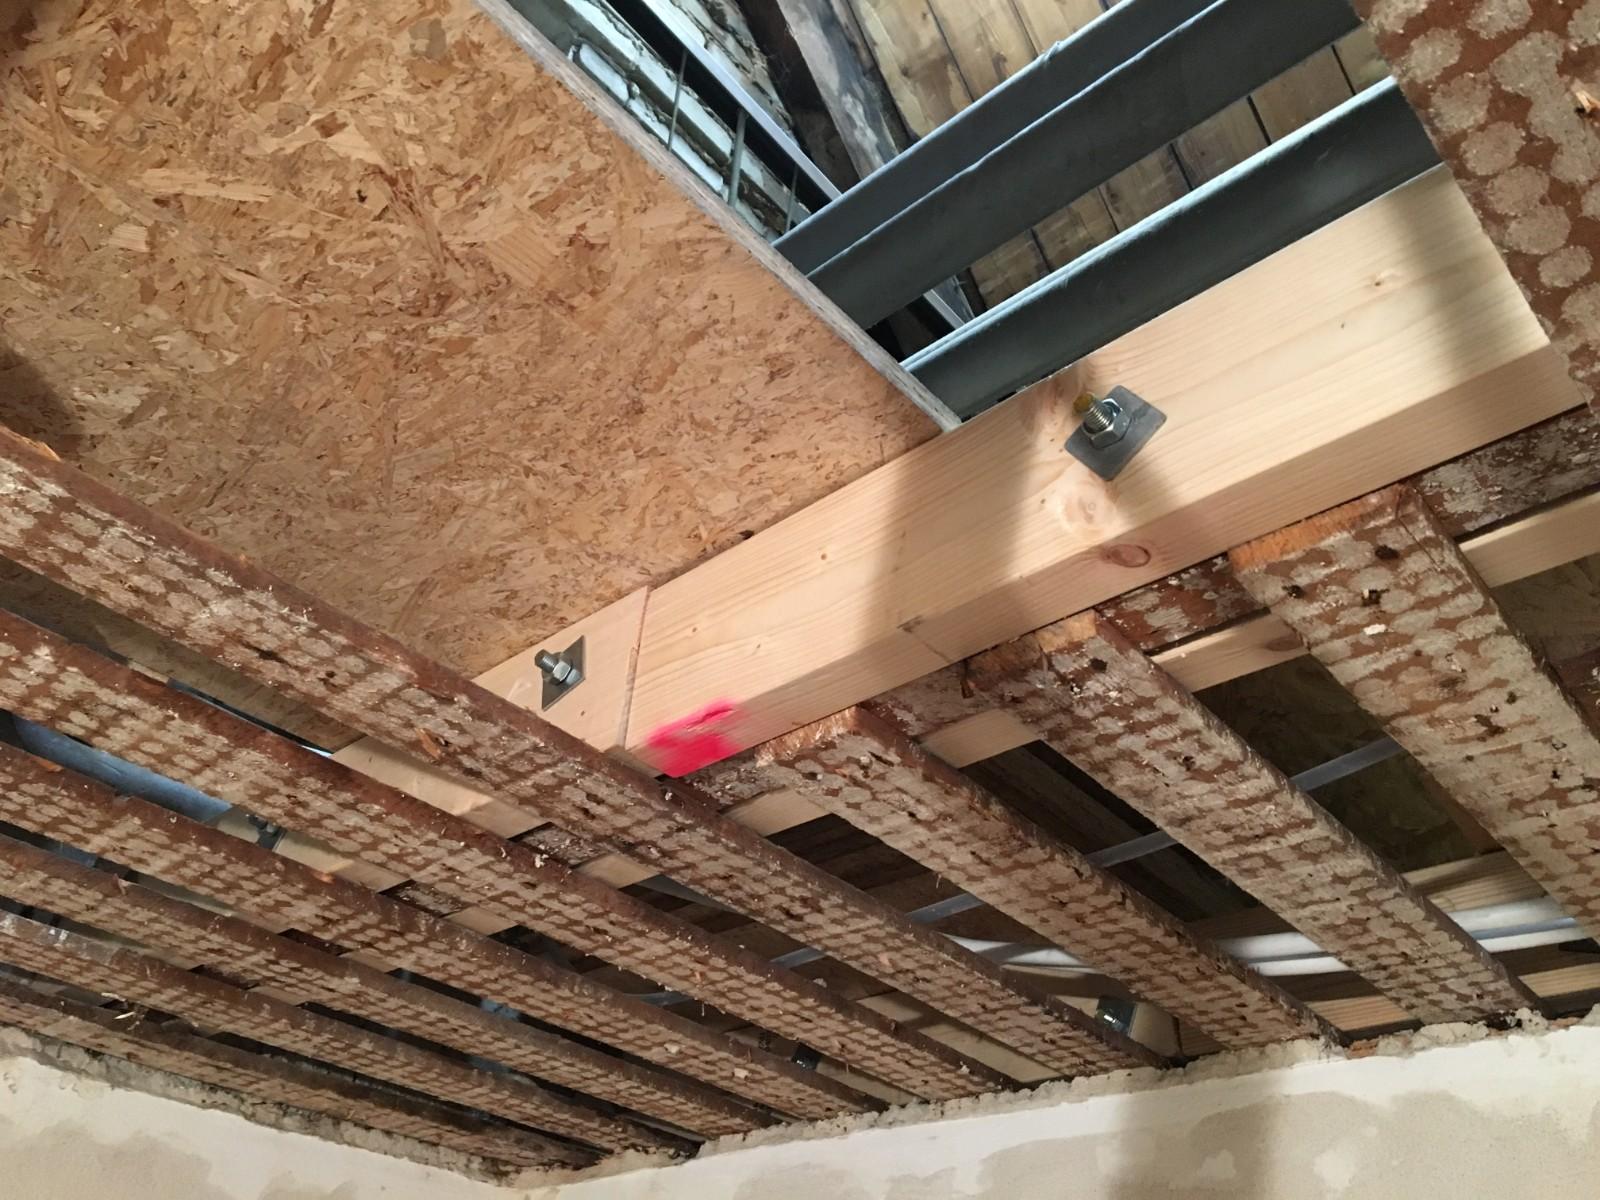 aannemer totaalbouw volendam, volendam, timmerwerk, complete verbouwing, badkamer, toilet, amsterdam noord, verlaagd plafond, stukadoor, stucadoor, loodgieter, tuip, tuijp, tuijps, keukens, badkamers, tegeletters, timmerman